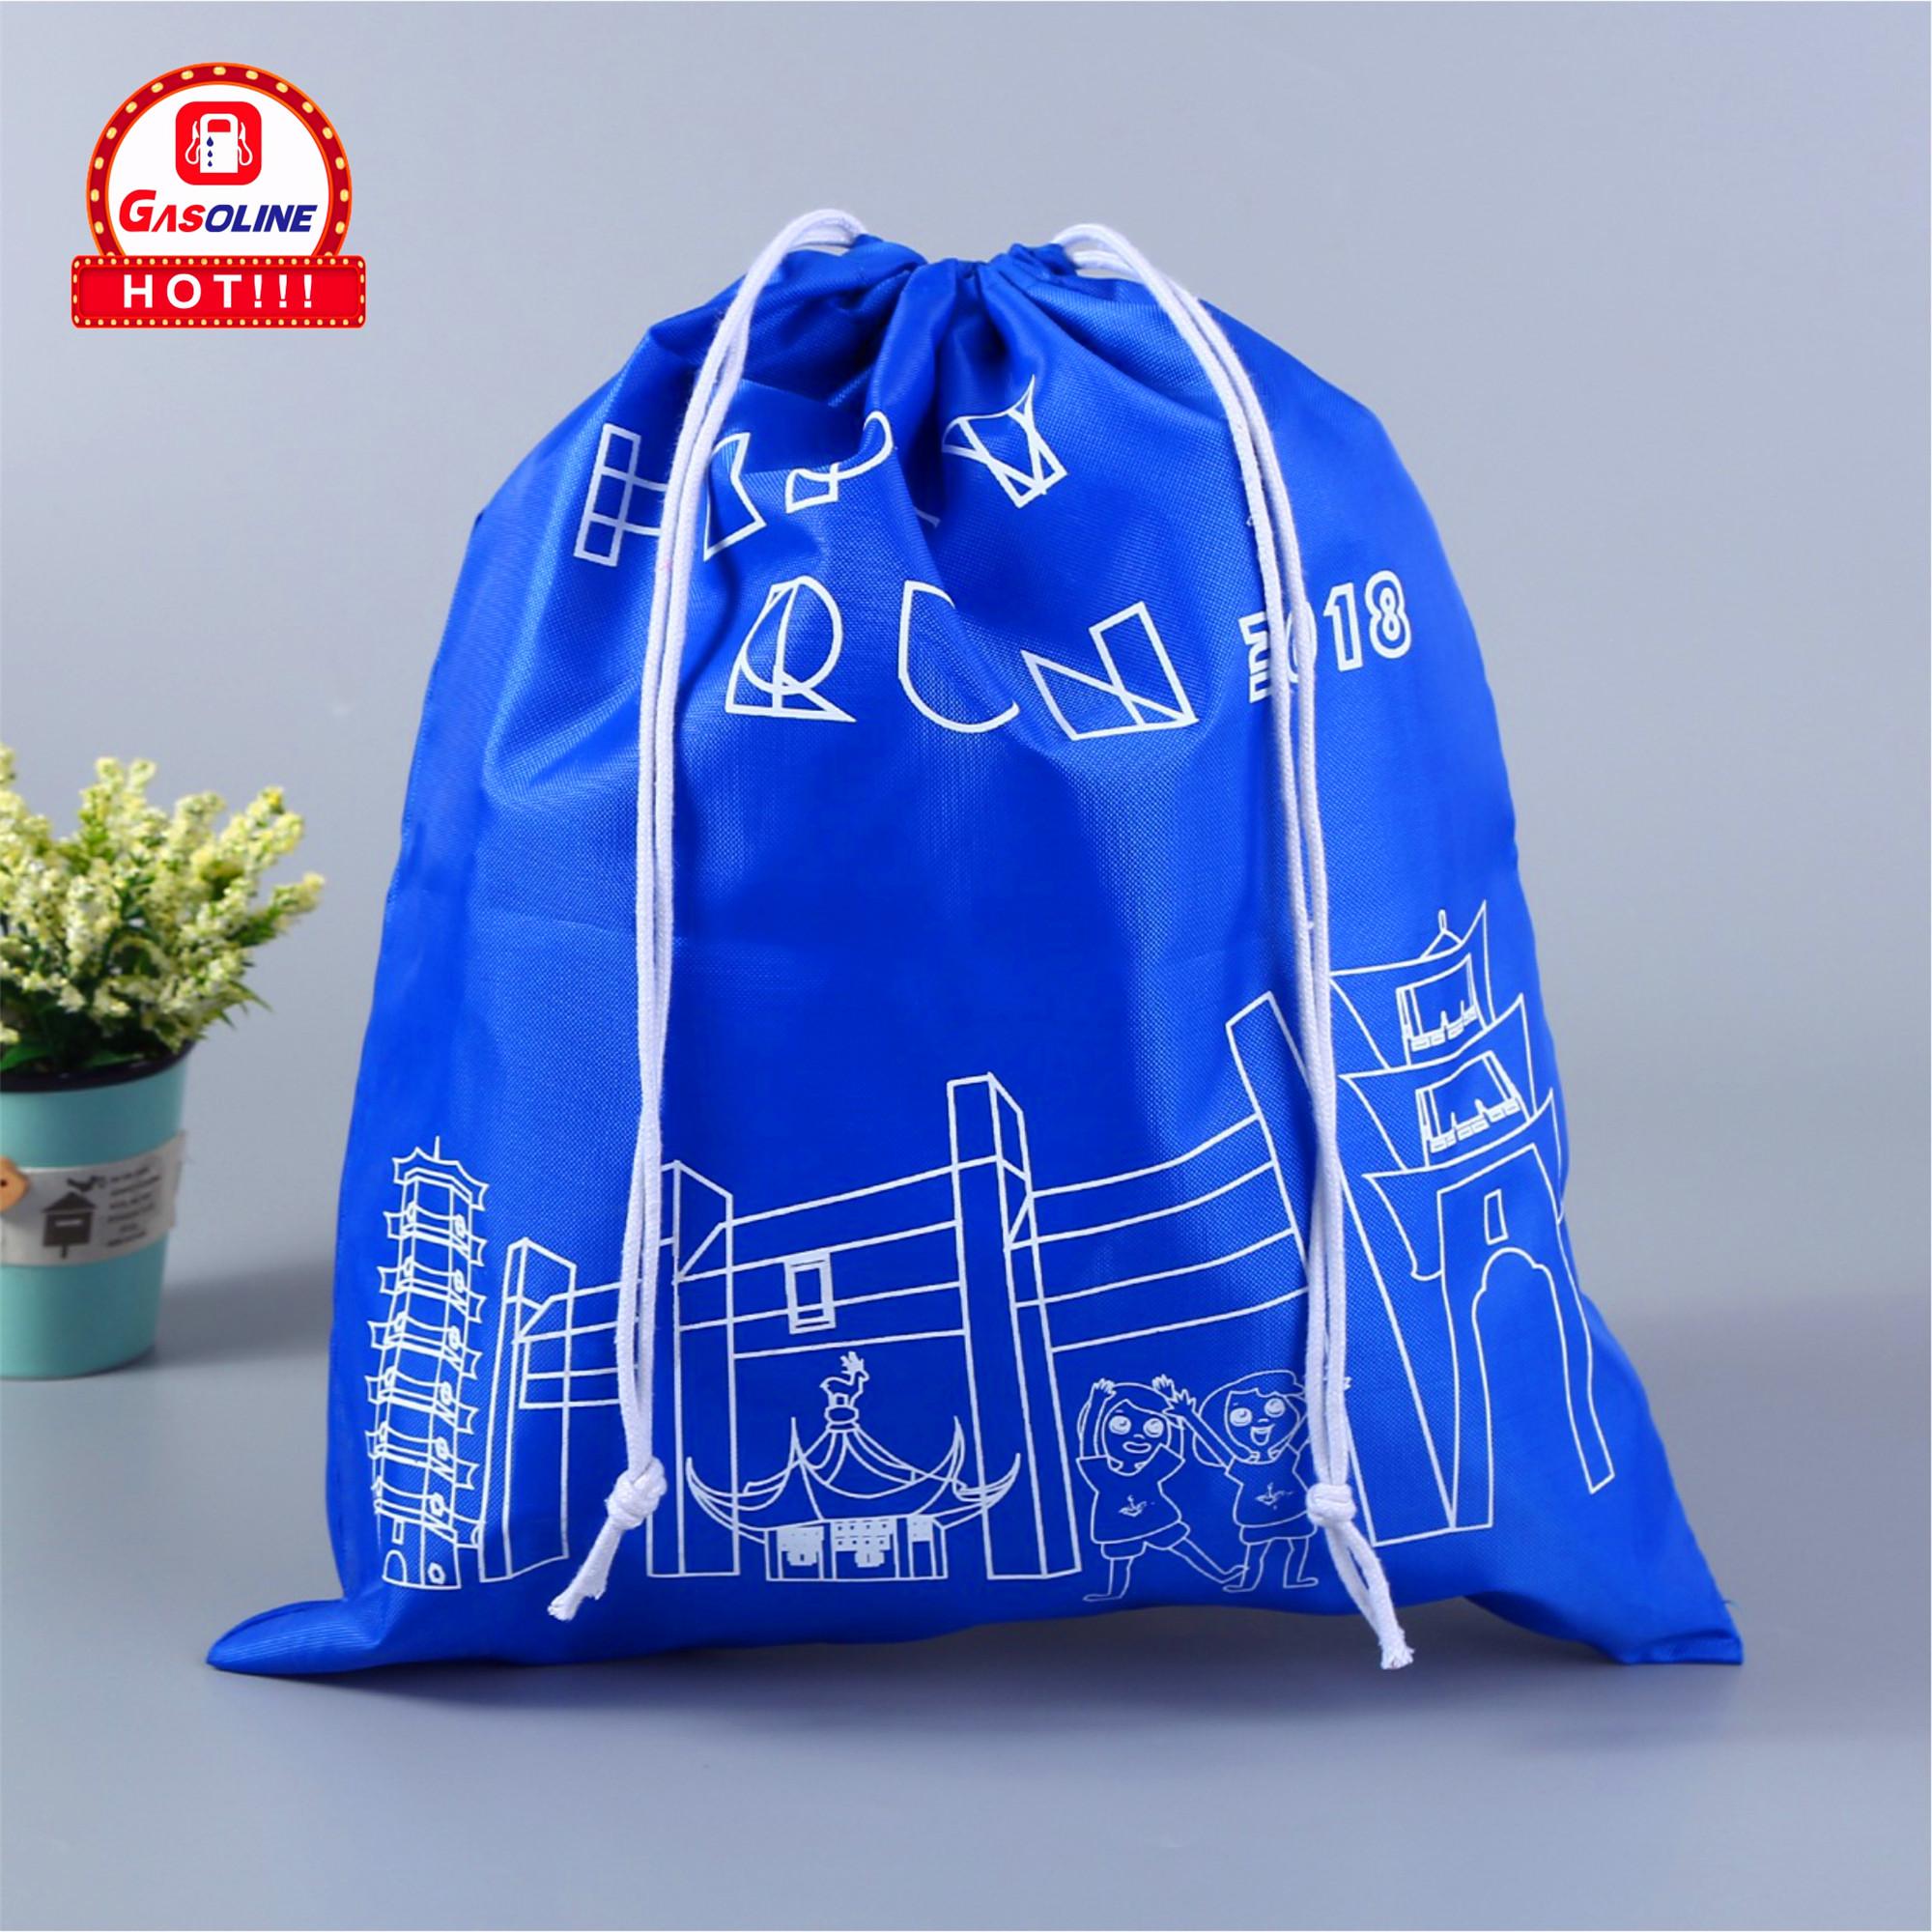 प्रचार कैनवास drawstring बैग, गर्म बिक्री कपास drawstring बैग, fasion drawstring बैग कस्टम लोगो